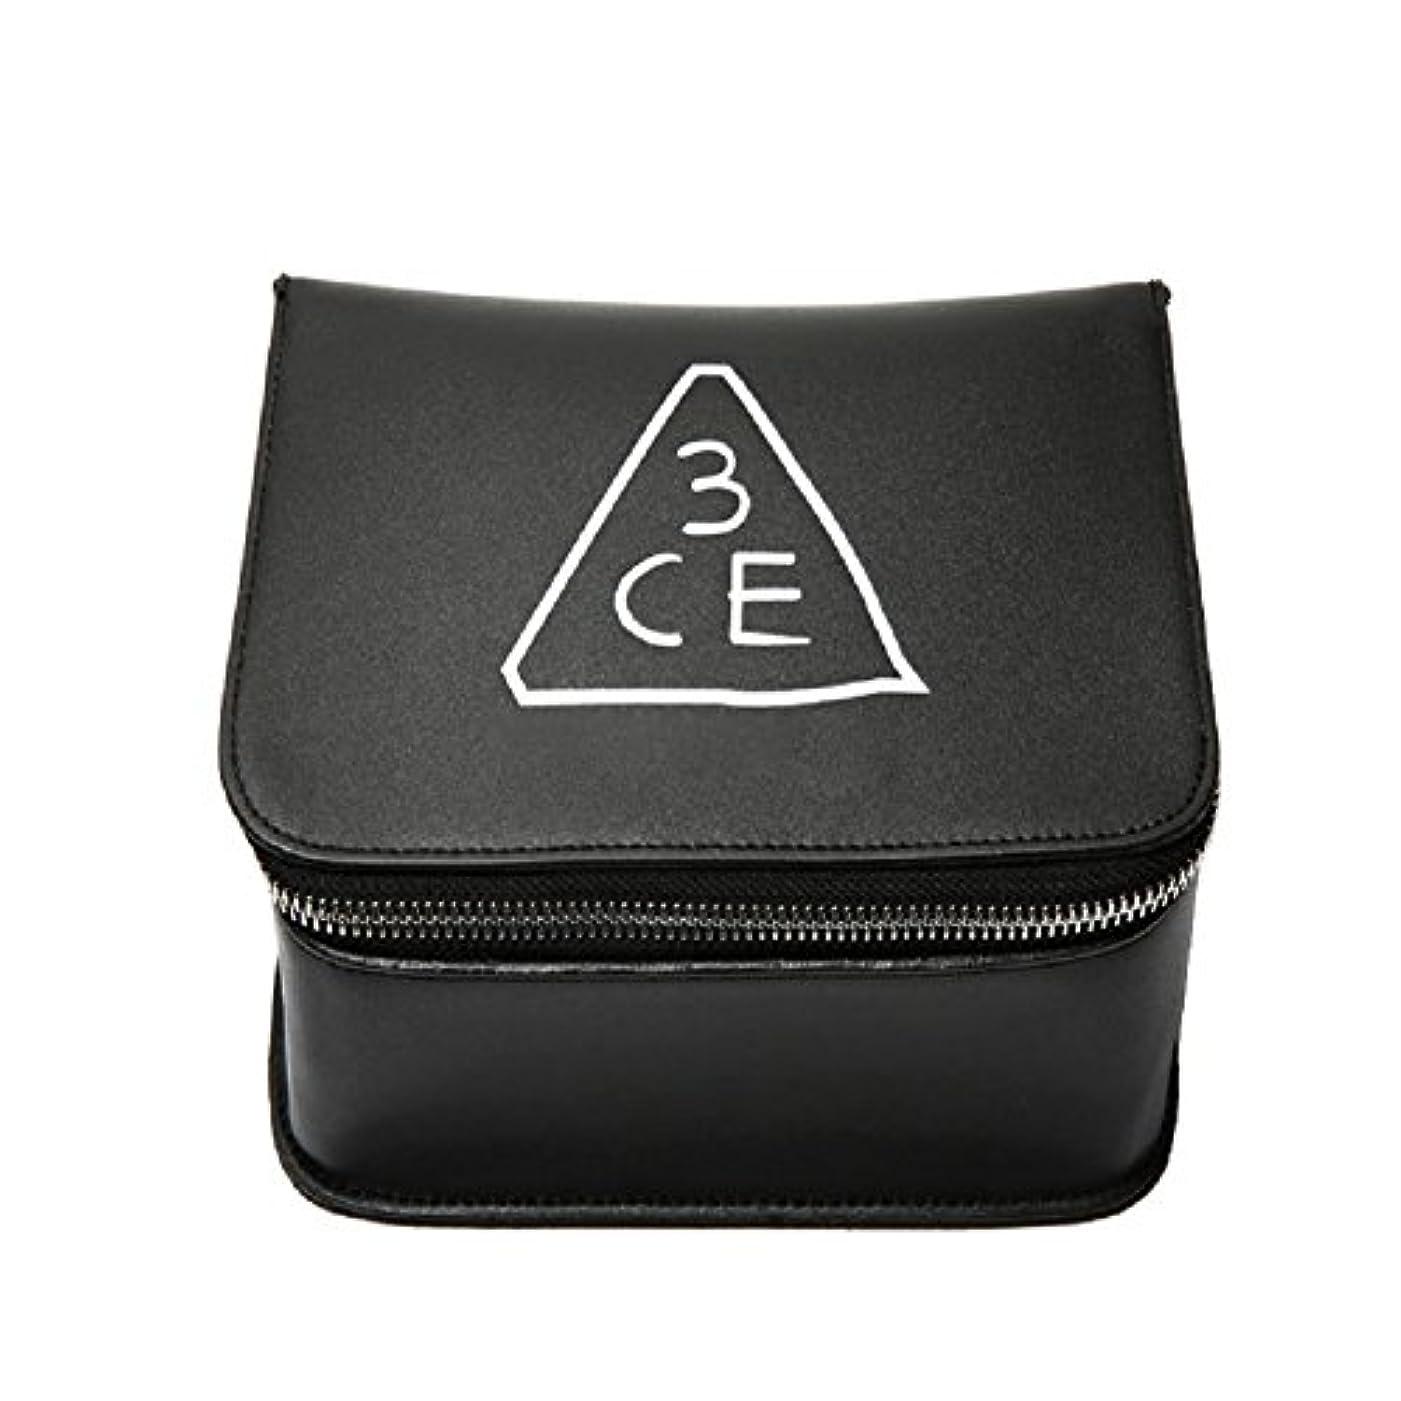 スポークスマン繊維あなたは3CE(3 CONCEPT EYES) COSMETIC BOX POUCH 化粧品 BOXポーチ stylenanda 婦人向け 旅行 ビッグサイズ[韓国並行輸入品]